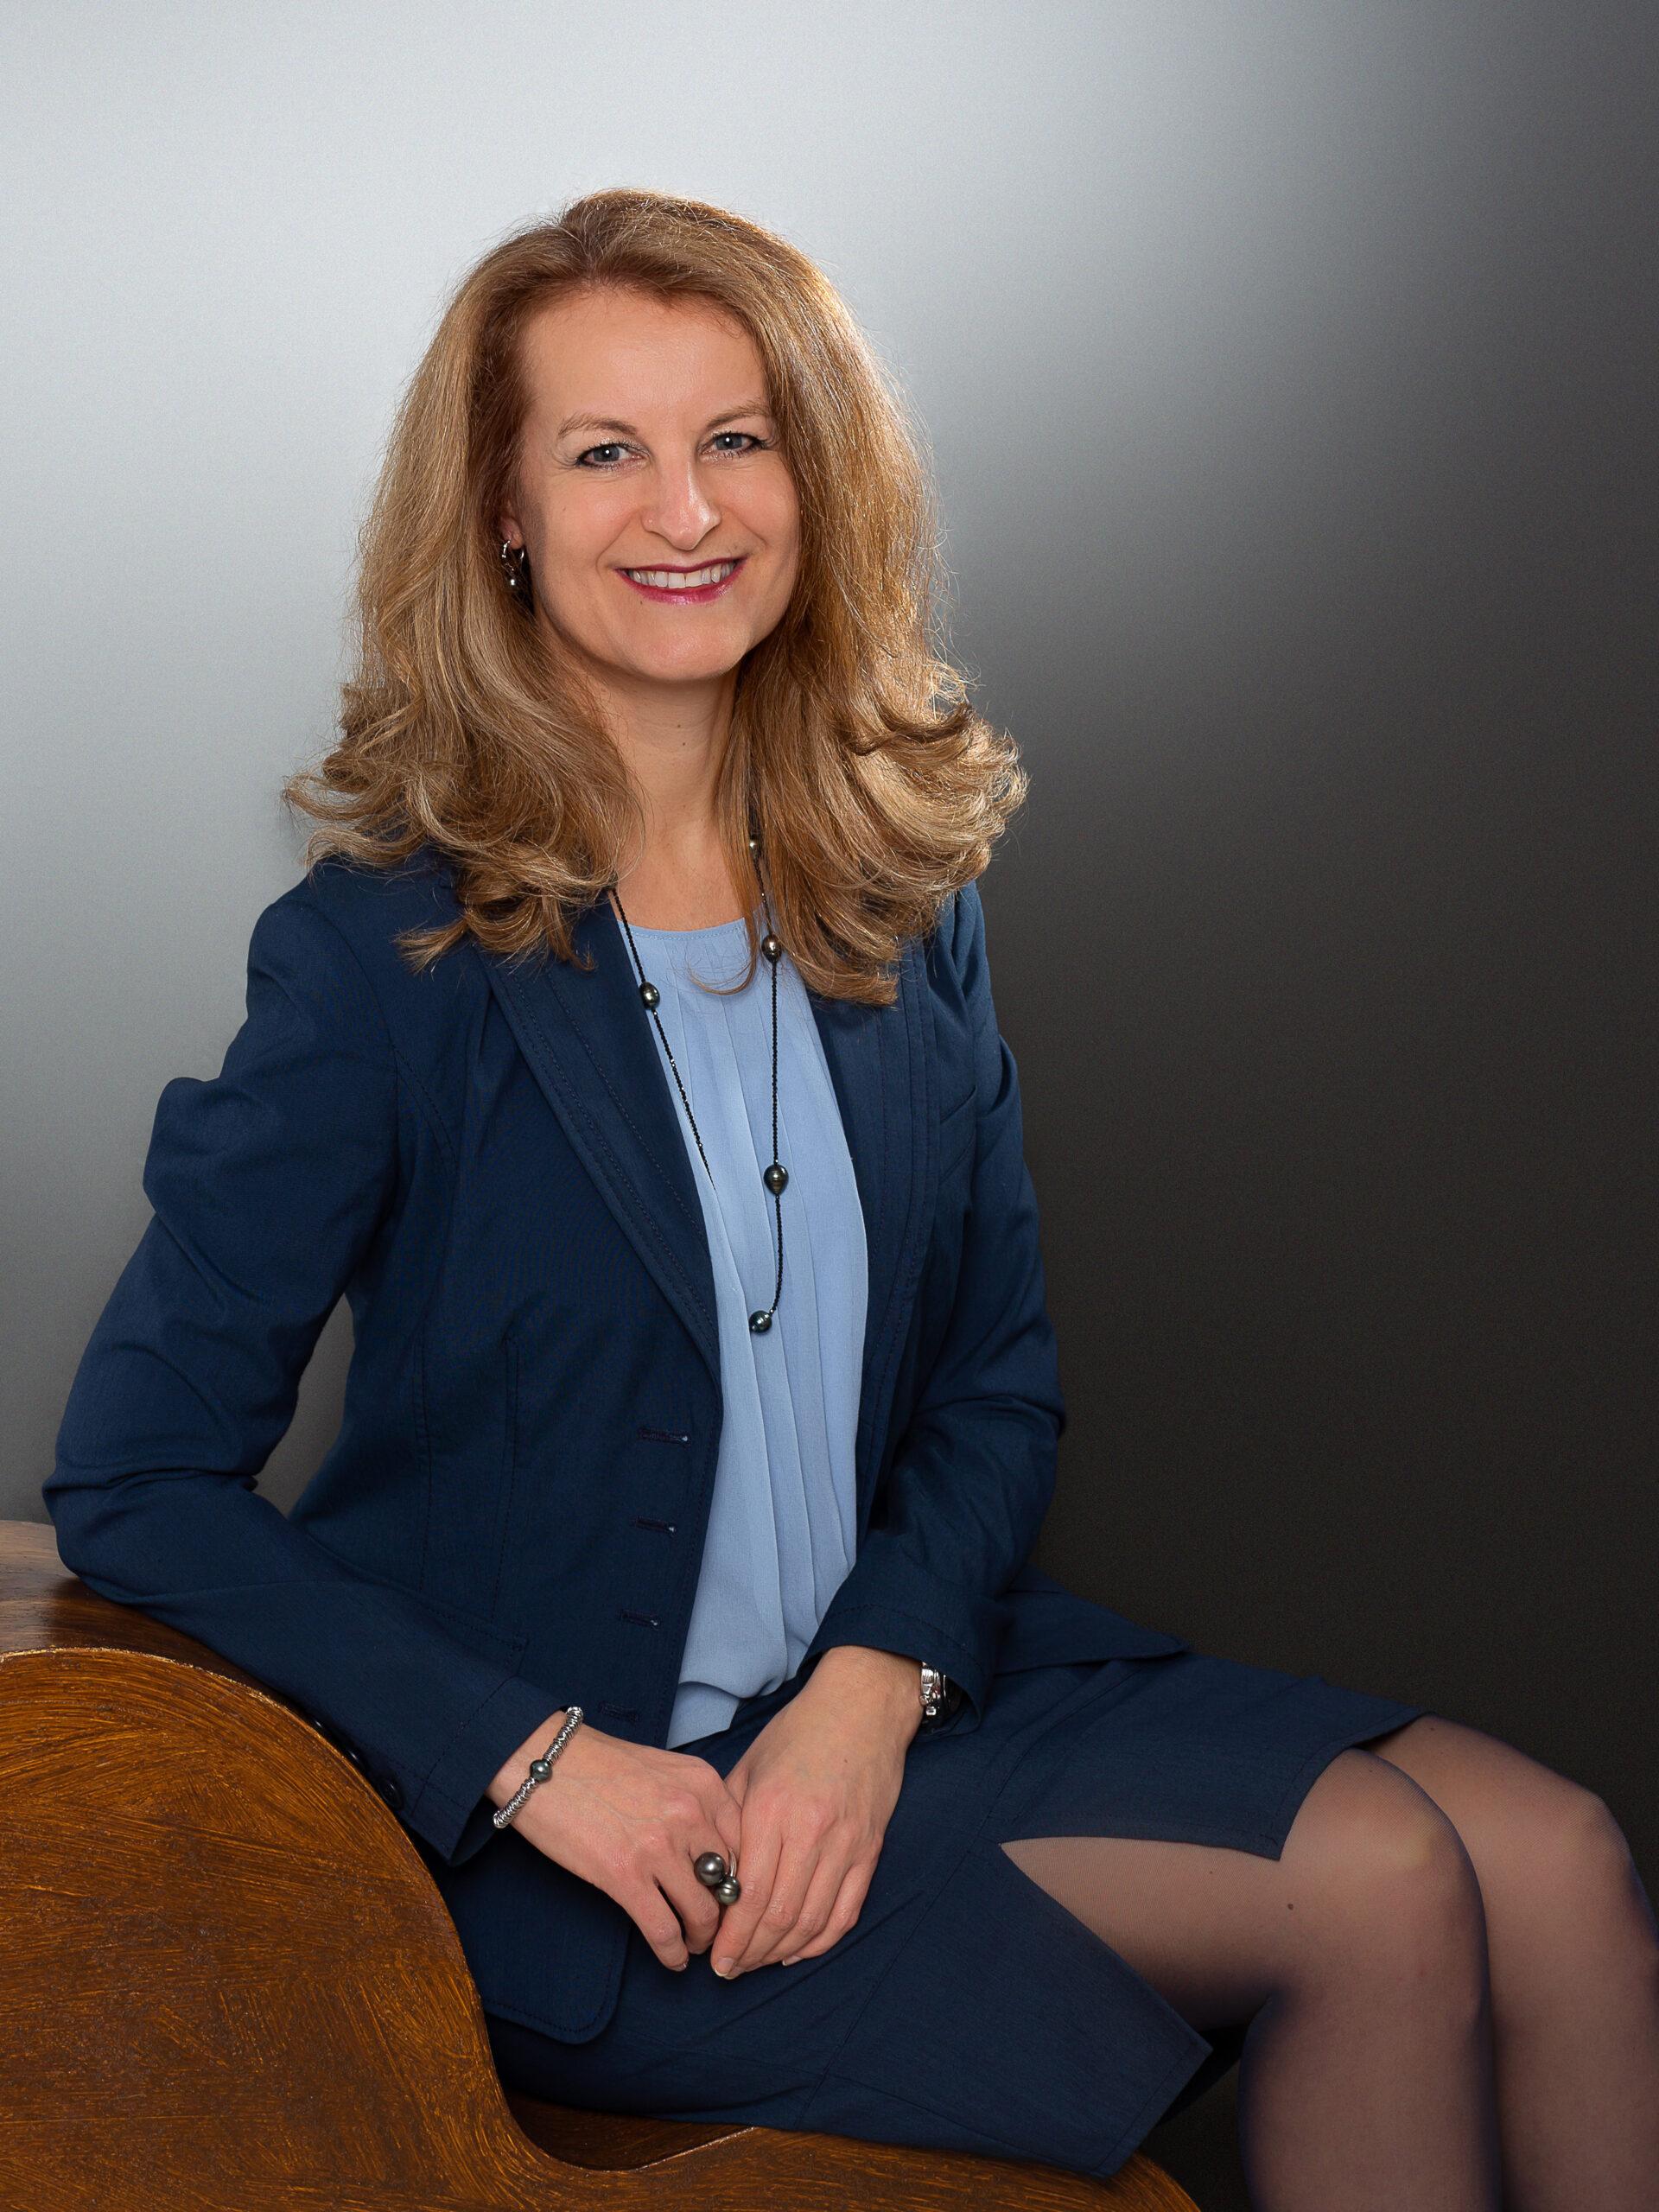 jolanda keller-coaching Portrait 2